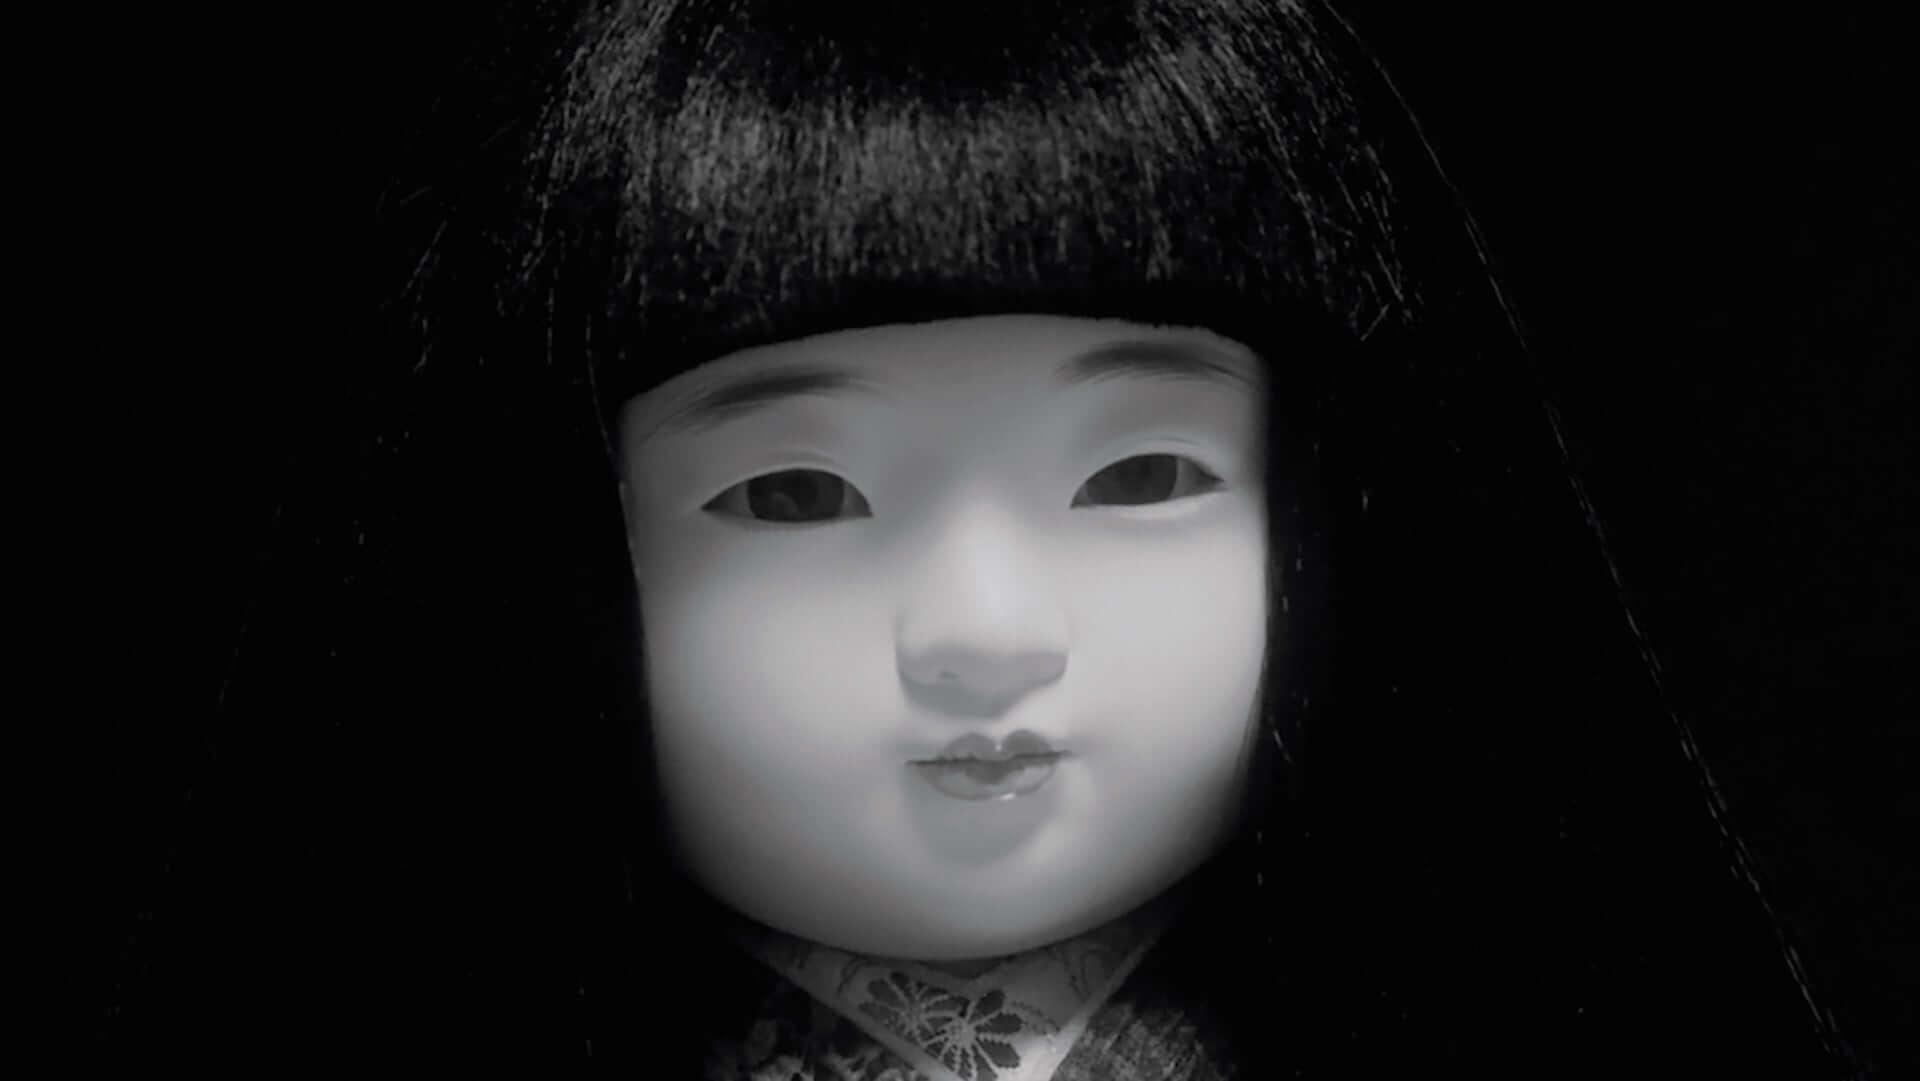 東京藝術大学大学院映像研究科メディア映像専攻の成果発表会が開催決定!インスタレーションや映像作品など多数展示 art210112_mediapractice_13-1920x1081